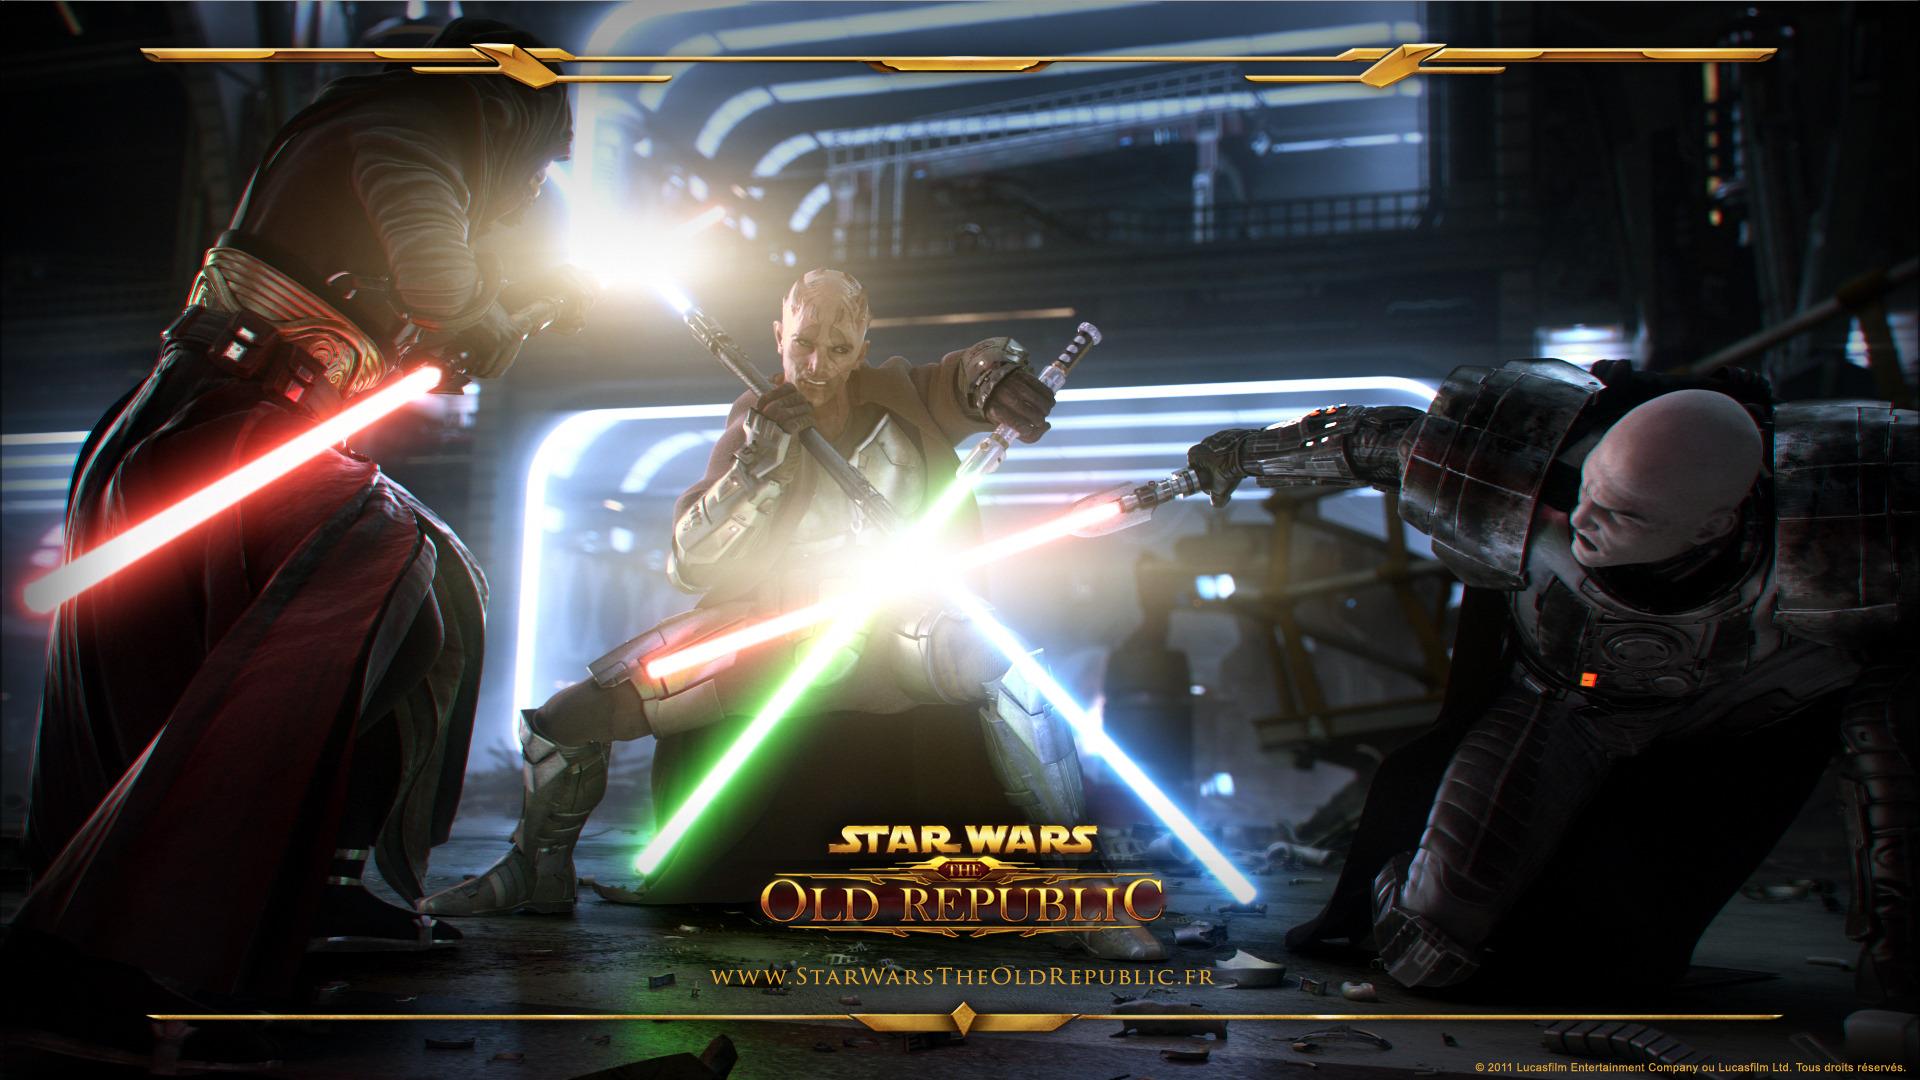 Star wars The Old Republic   Star Wars Wallpaper 26970225 1920x1080